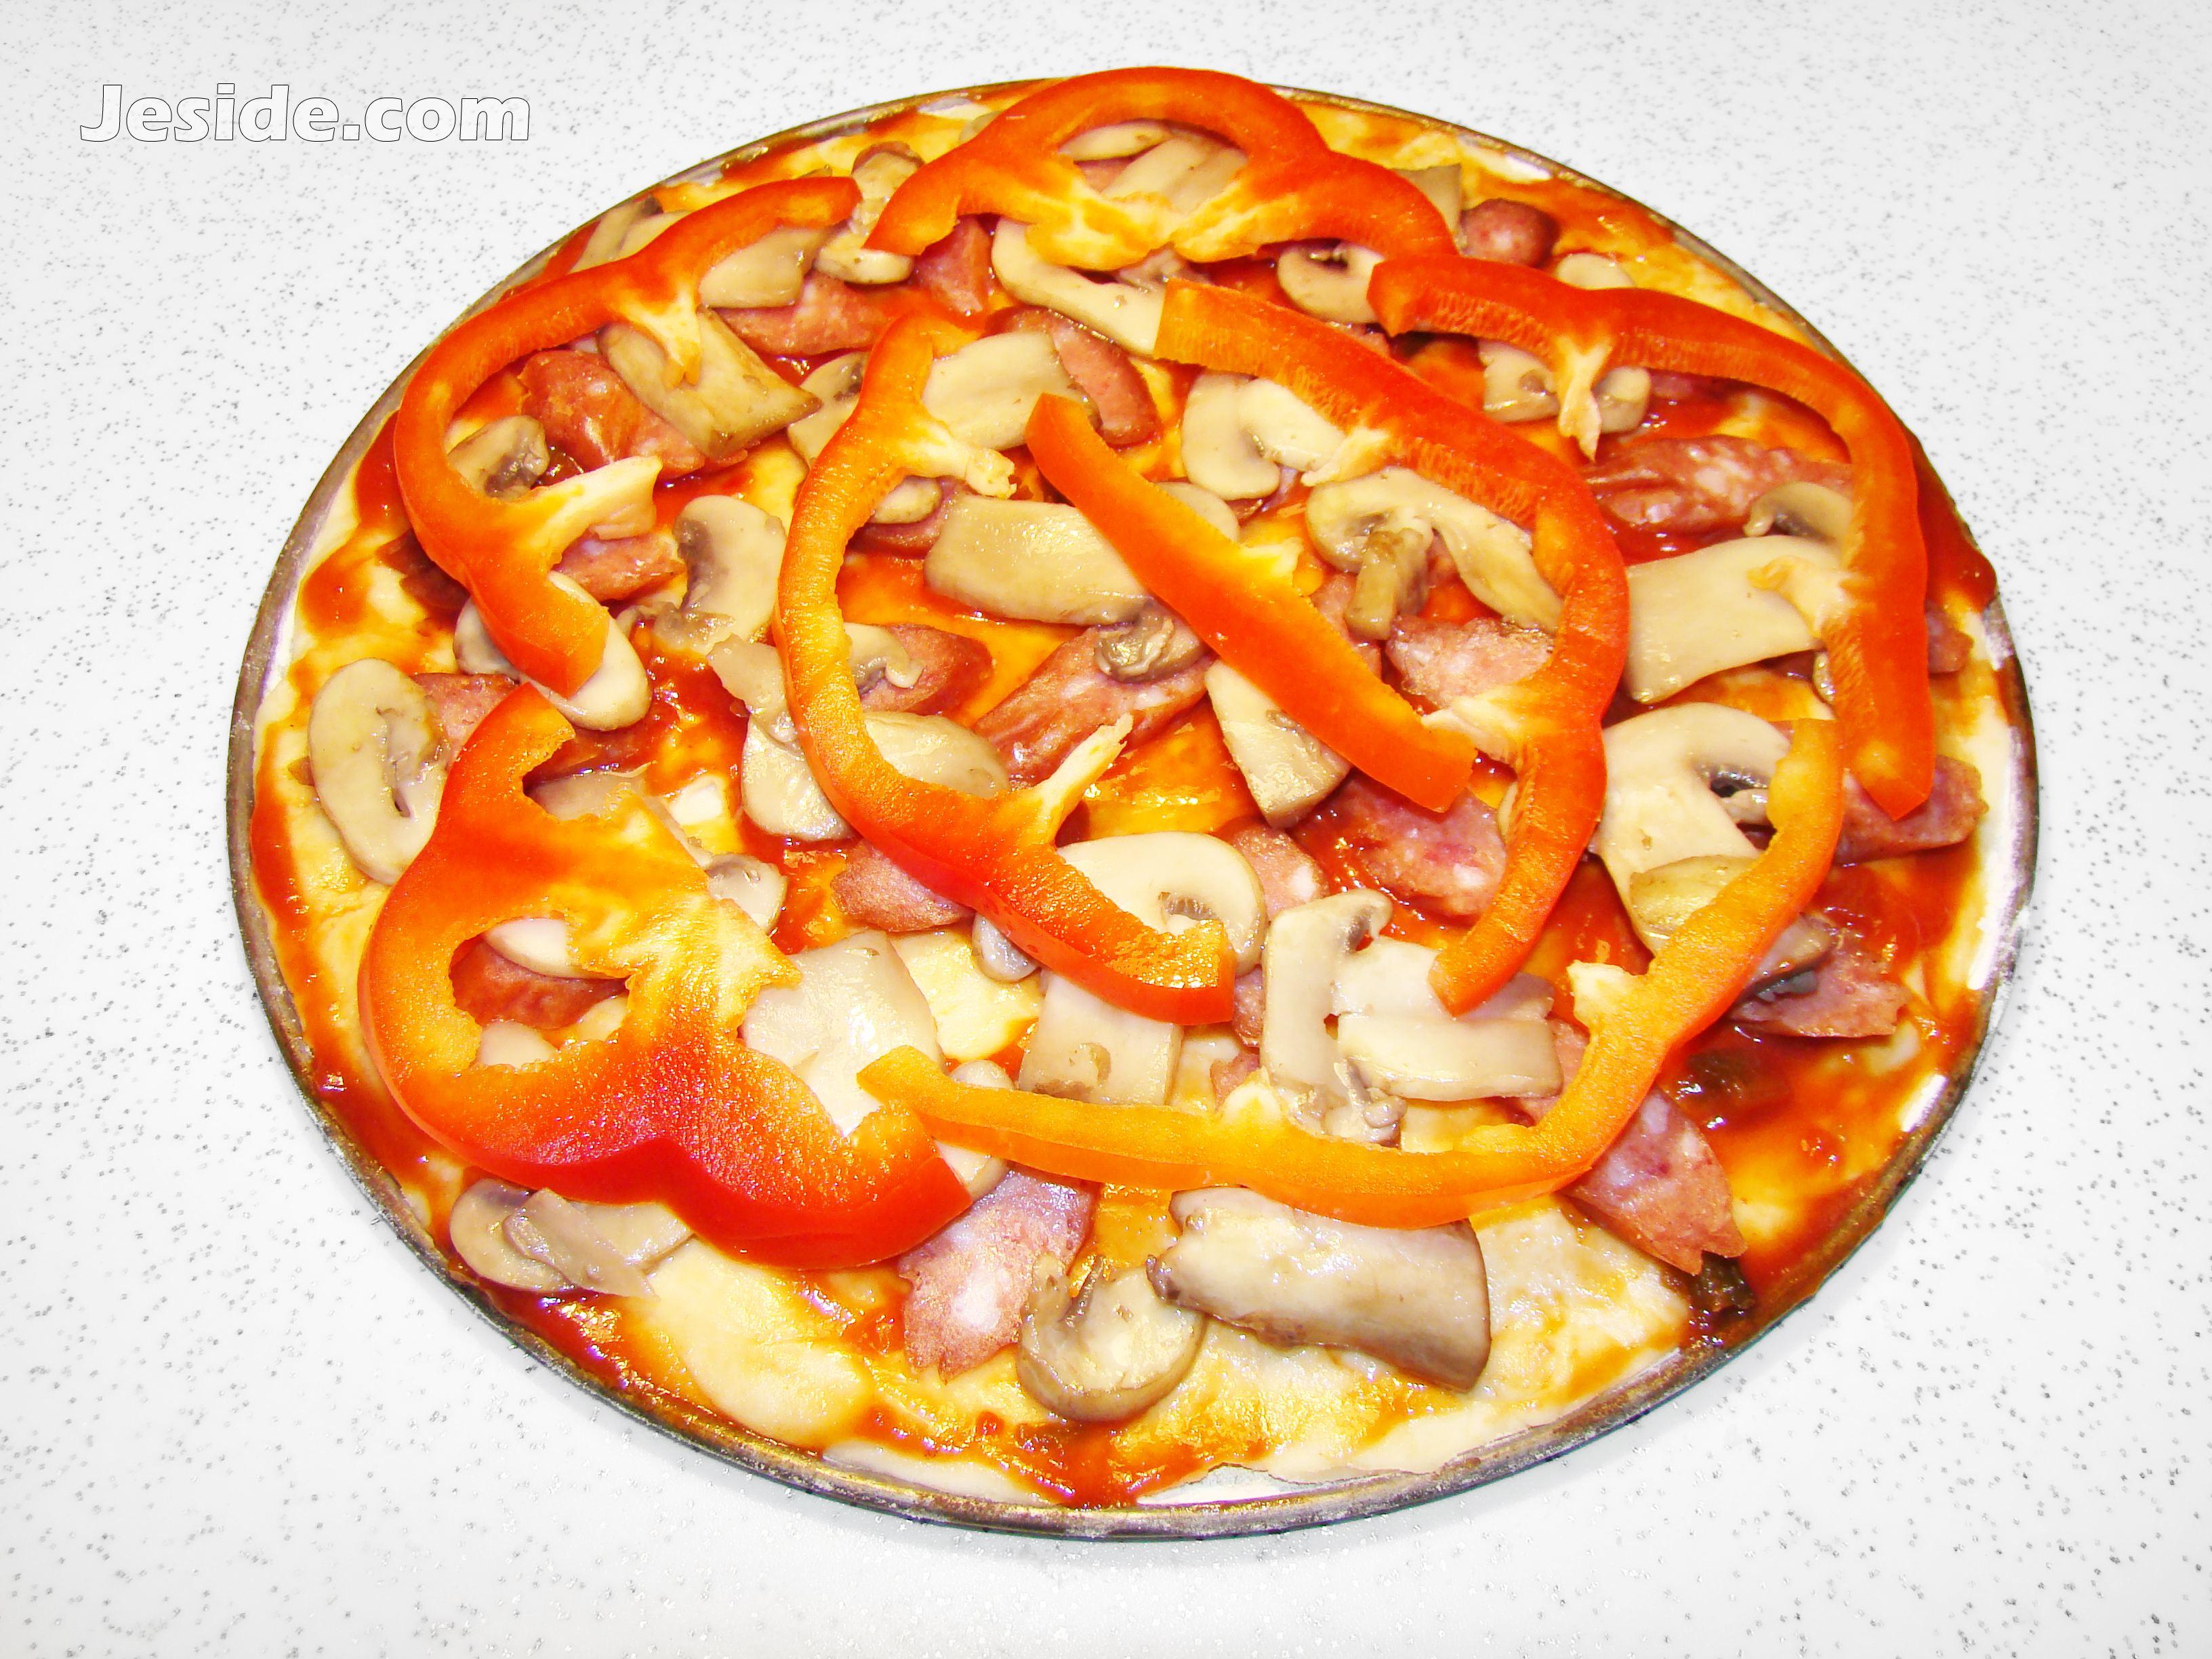 Пицца с луком и колбасой рецепт пошагово